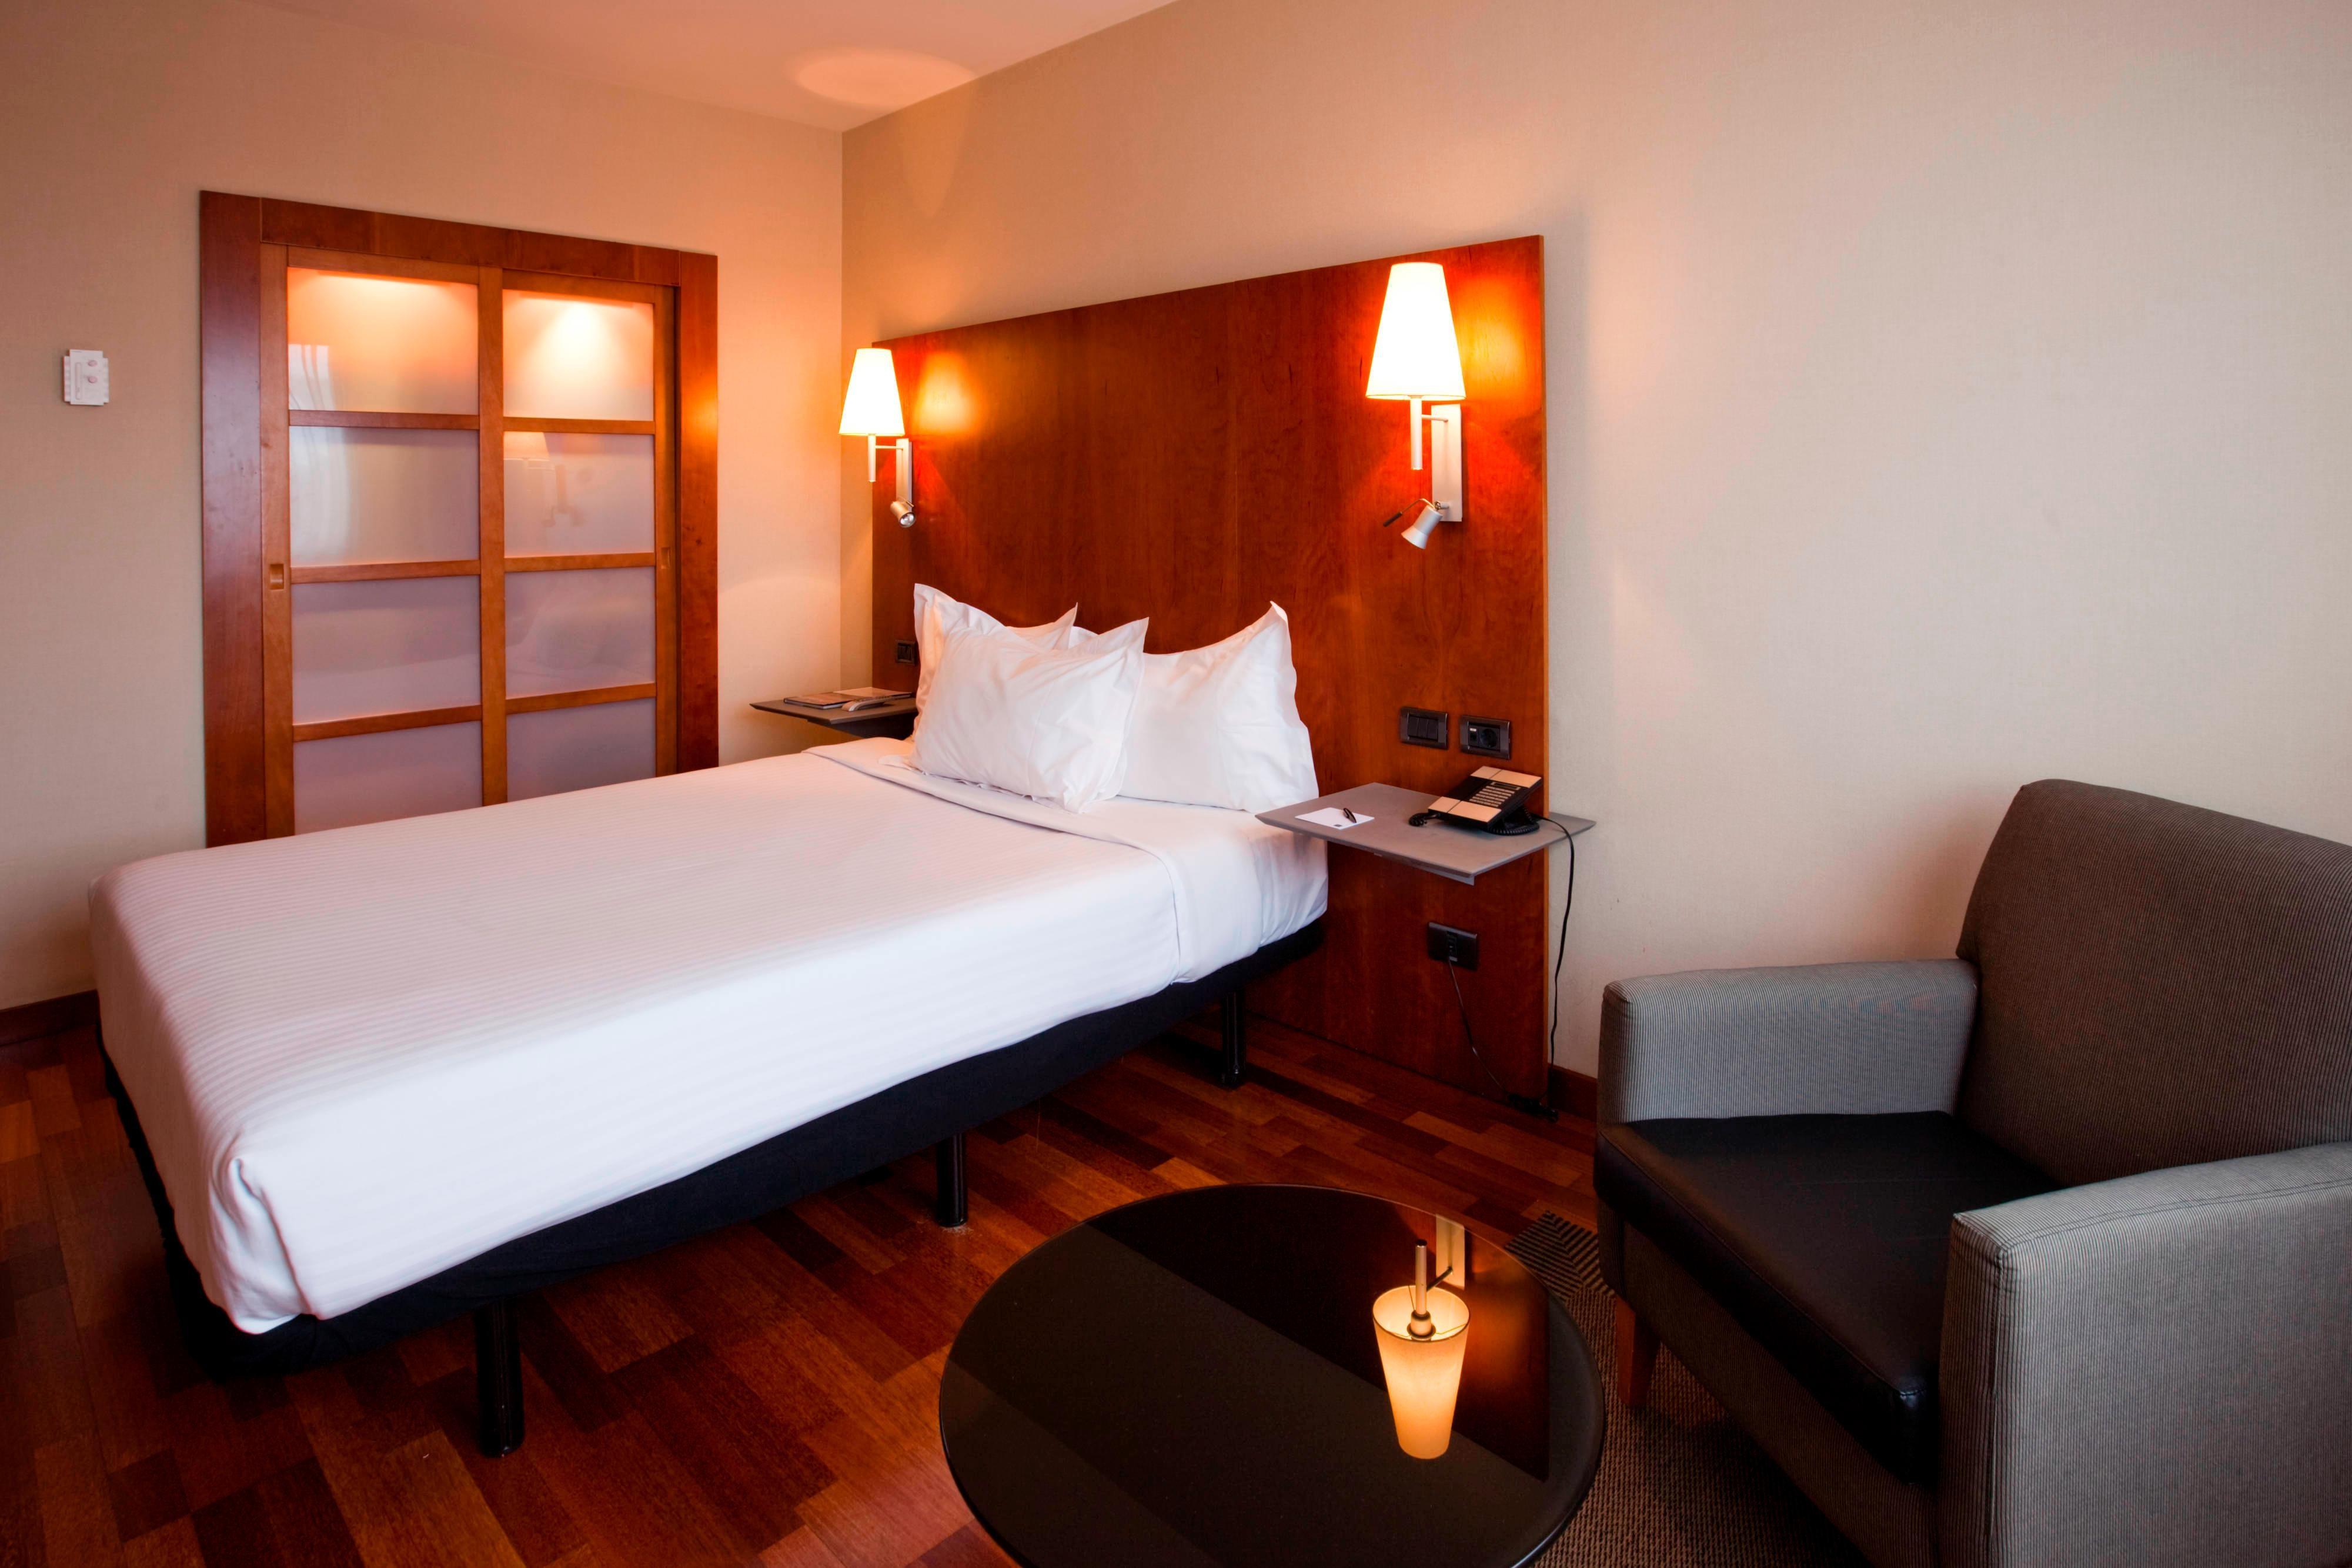 Habitaciones del hotel en Guadalajara